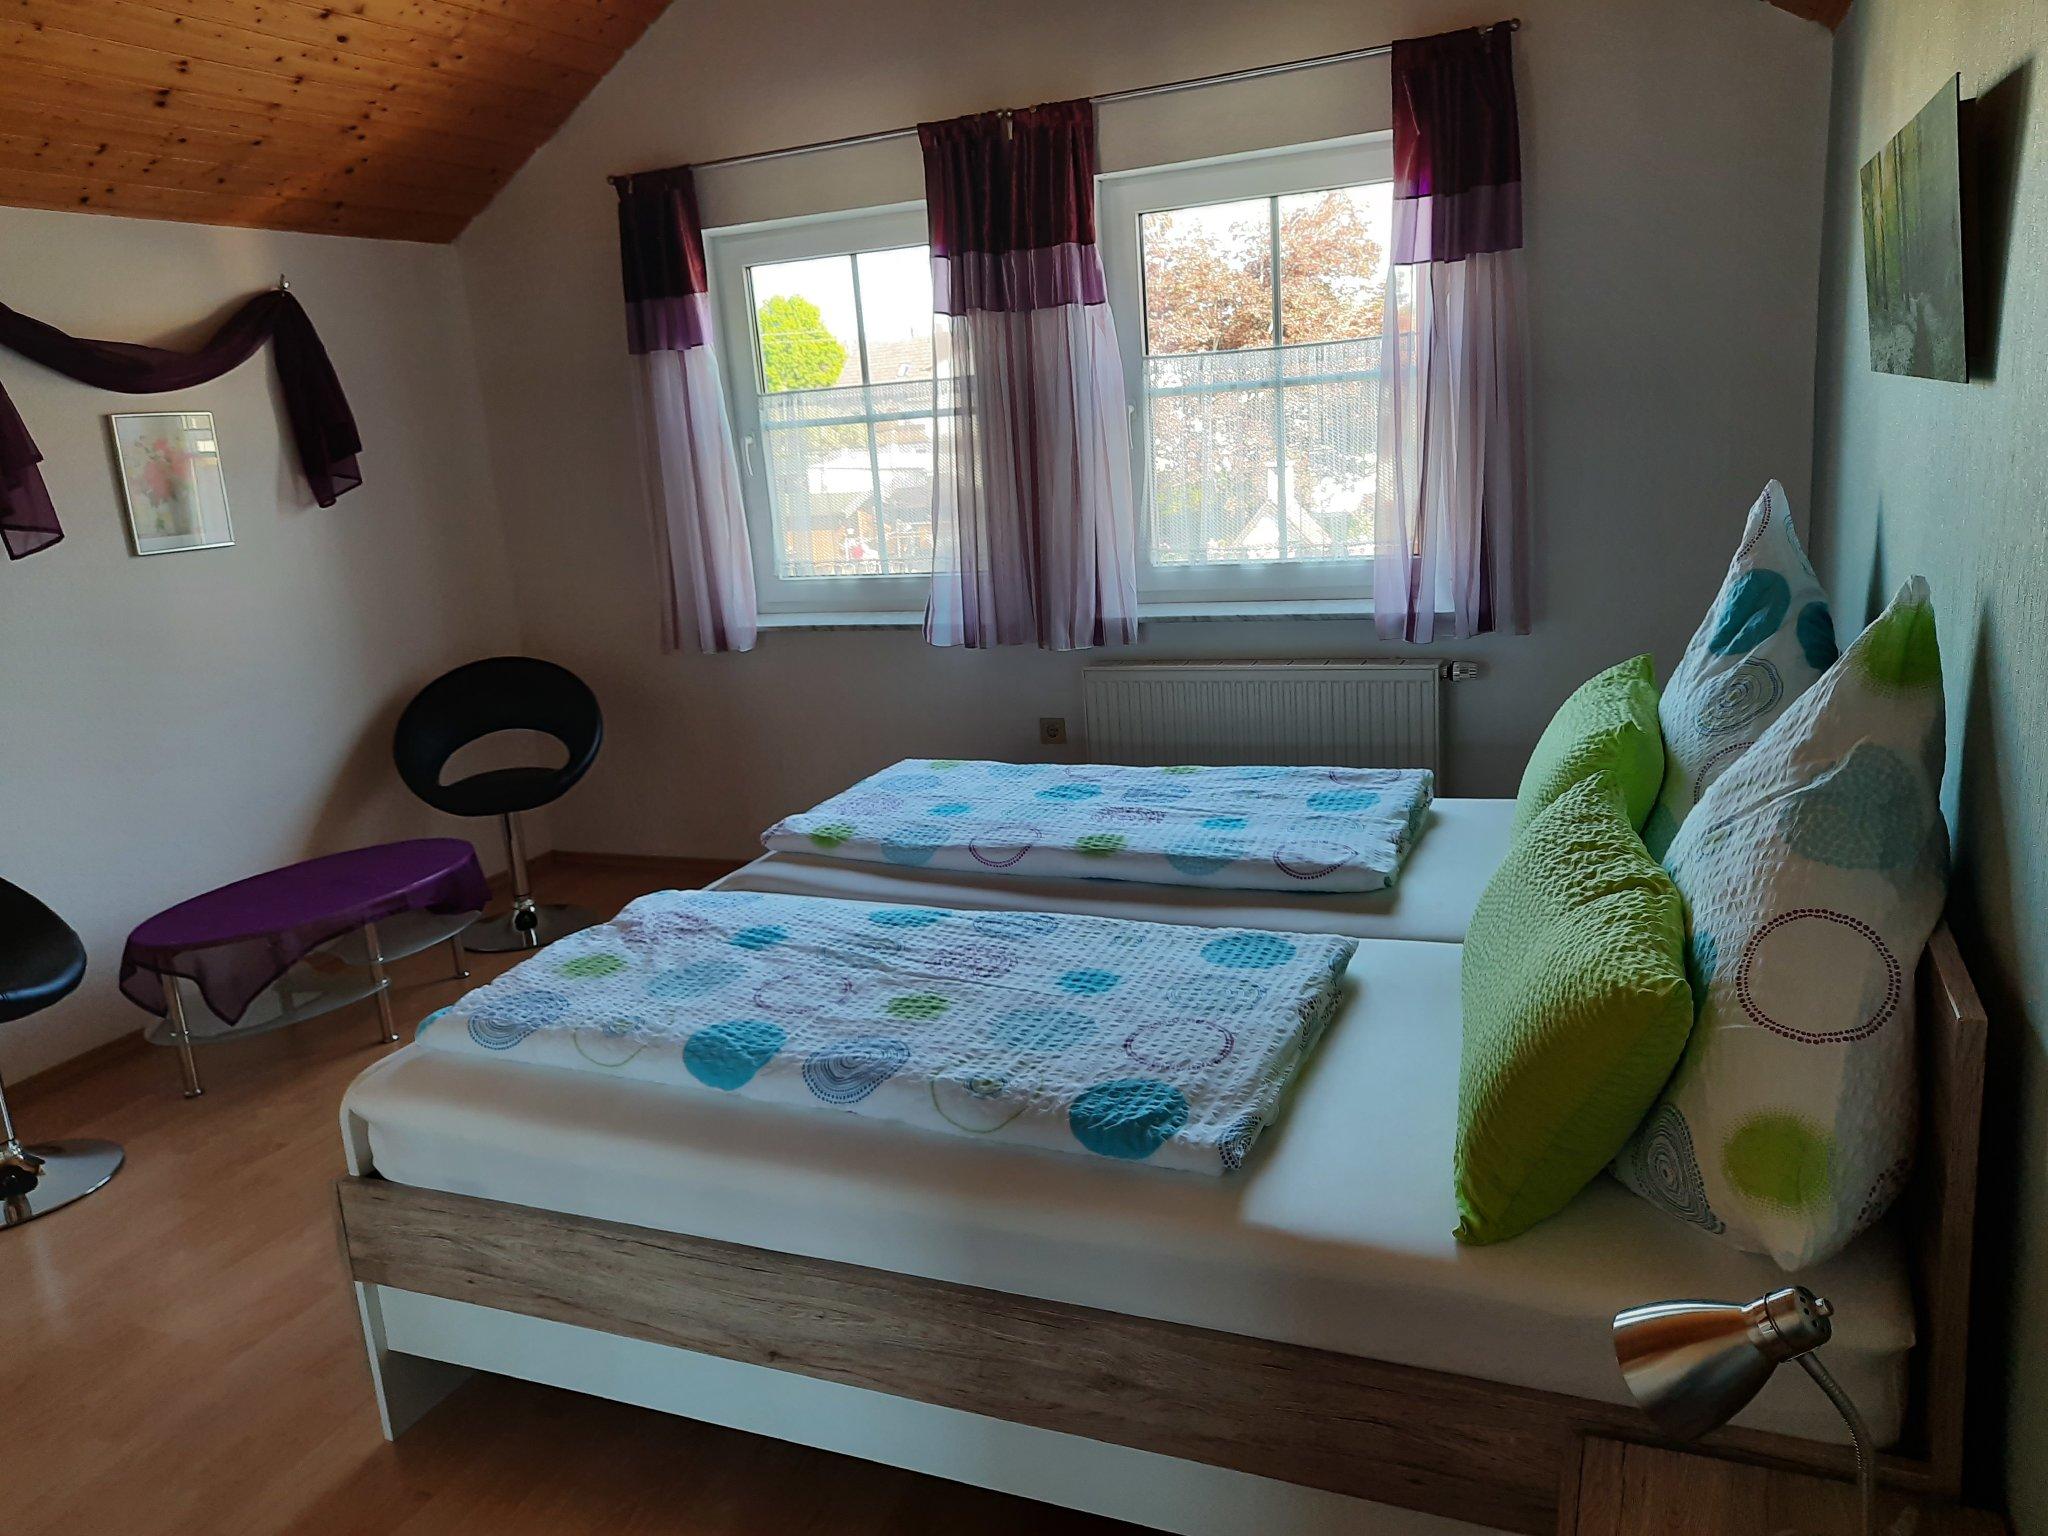 Doppelbetten im Schlafzimmer